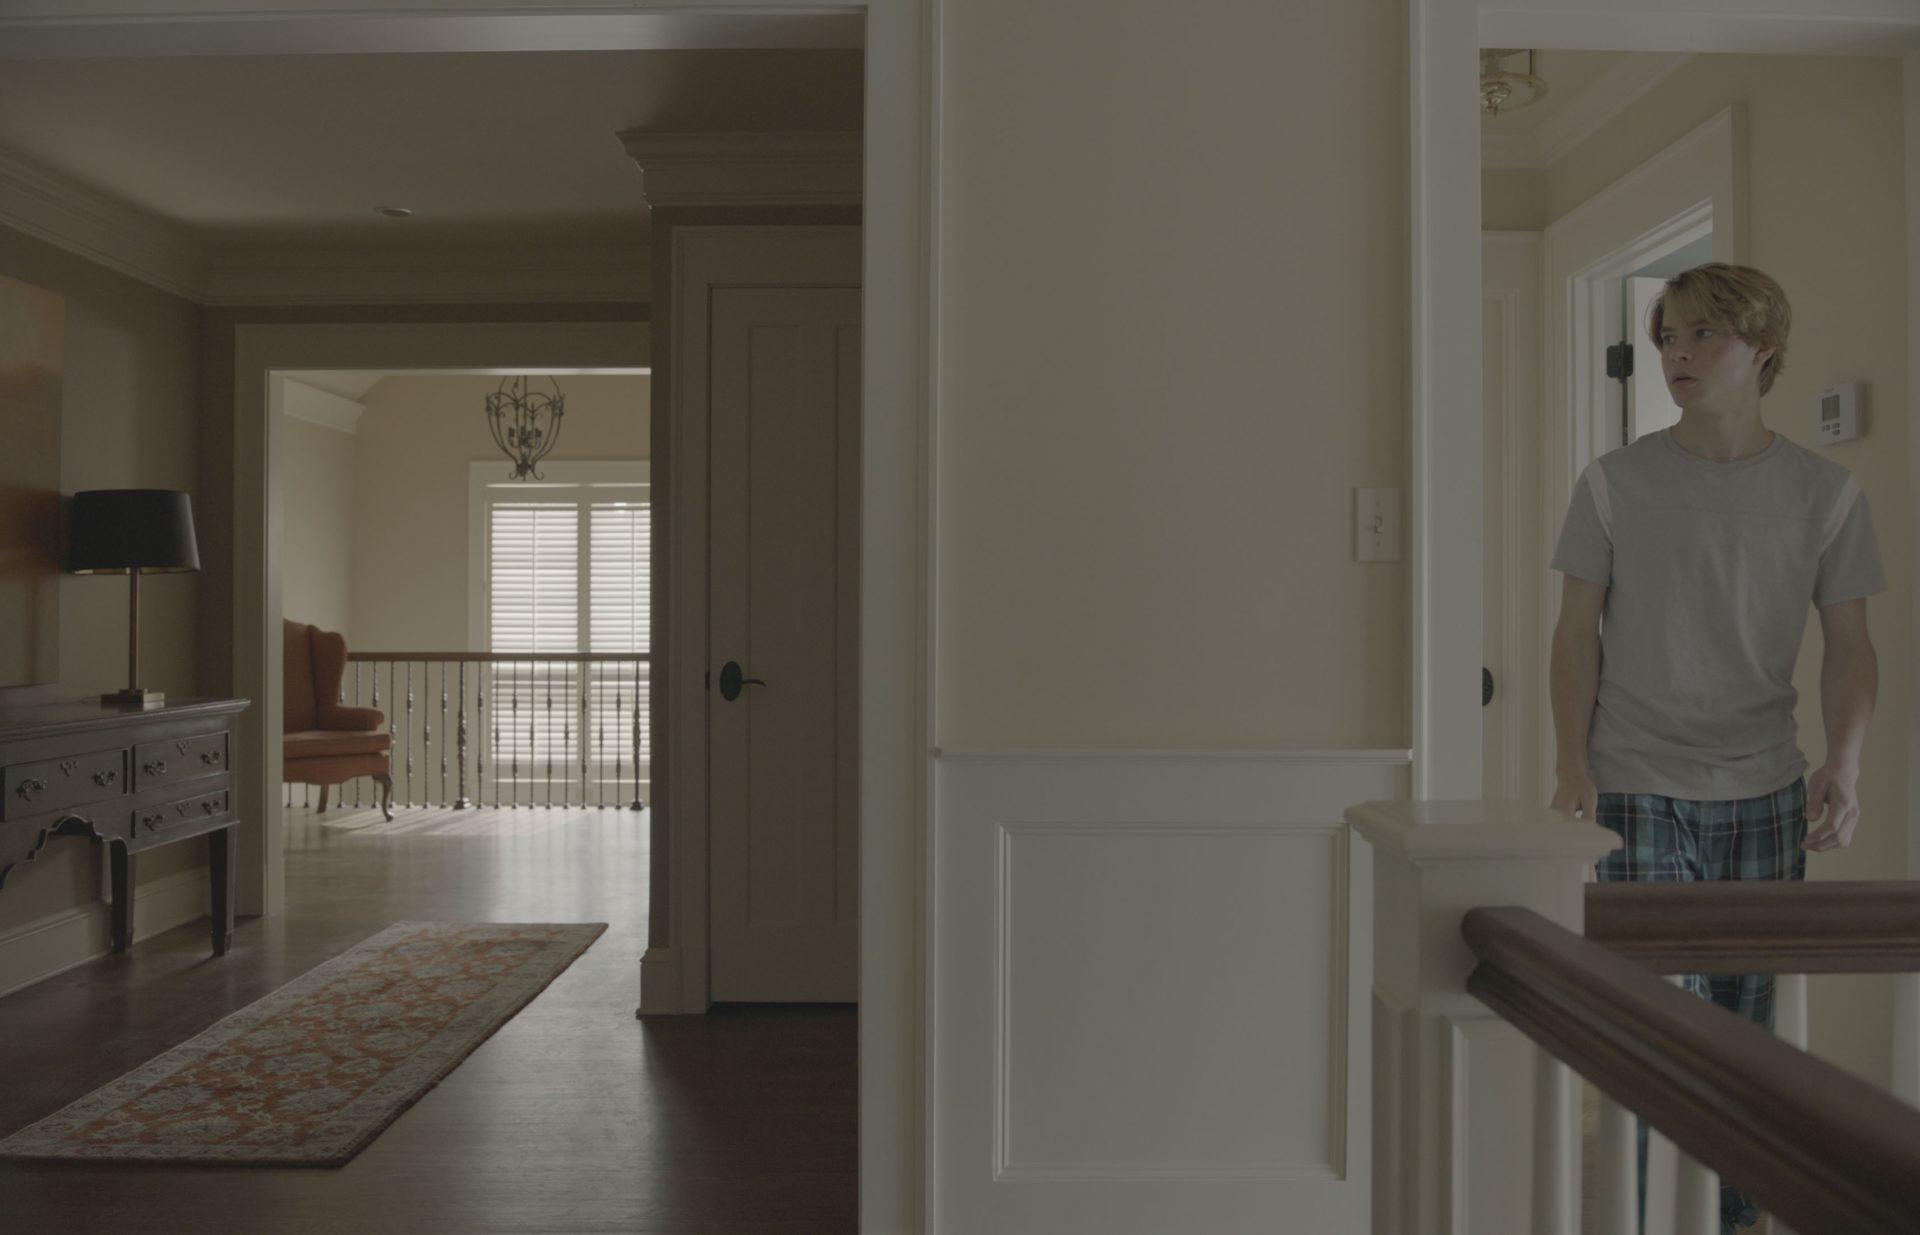 《搞鬼》片場「潛規則」全劇組手機關靜音怕受驚 海倫杭特半夜頂高燒敬業演出